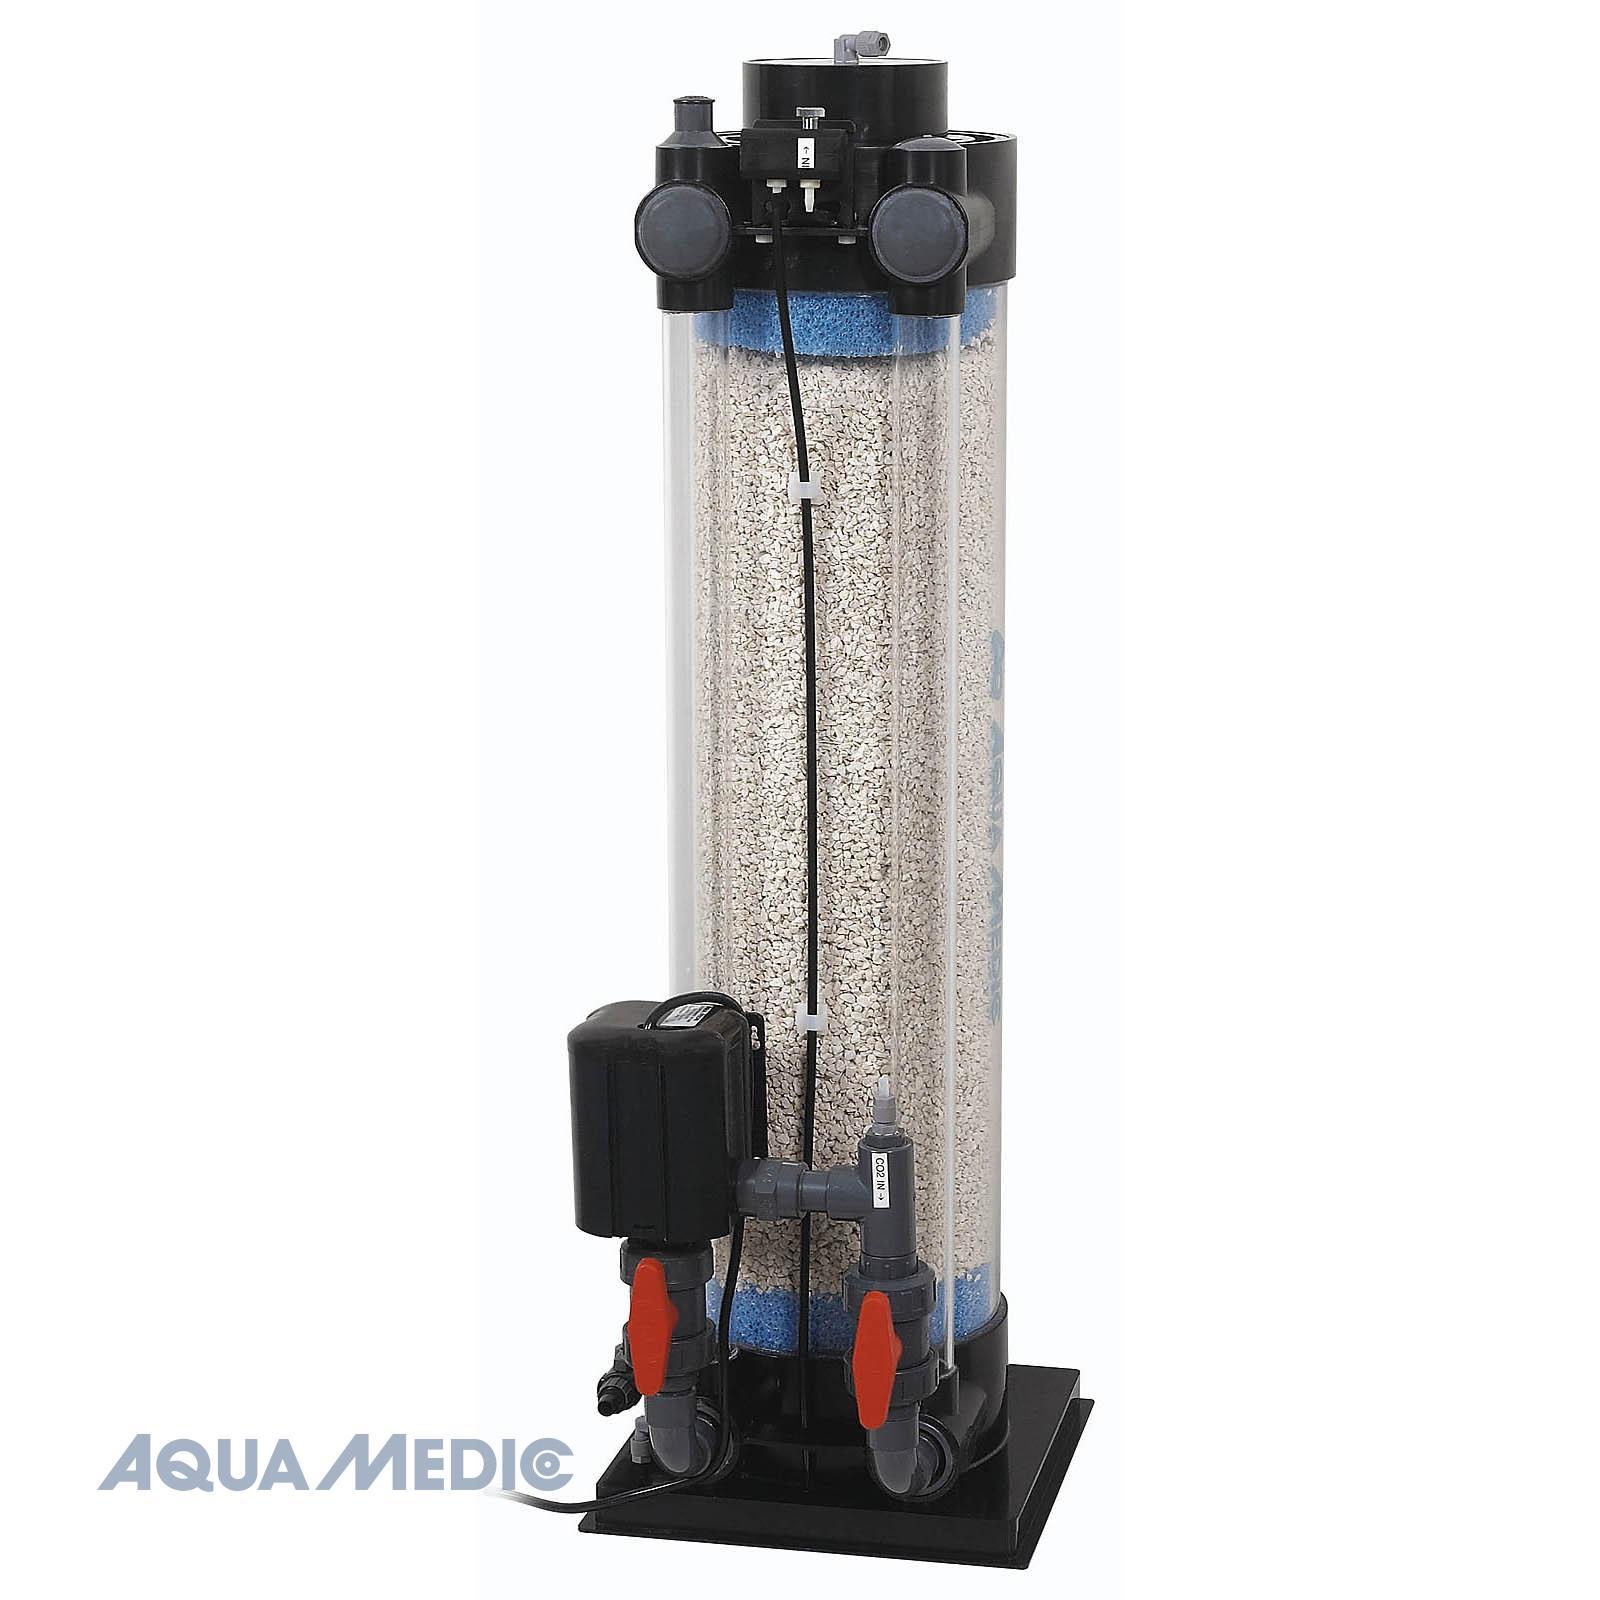 Calciumreactor KR 5000 - Zur Versorgung von Meerwasseraquarium bis 5.000 l